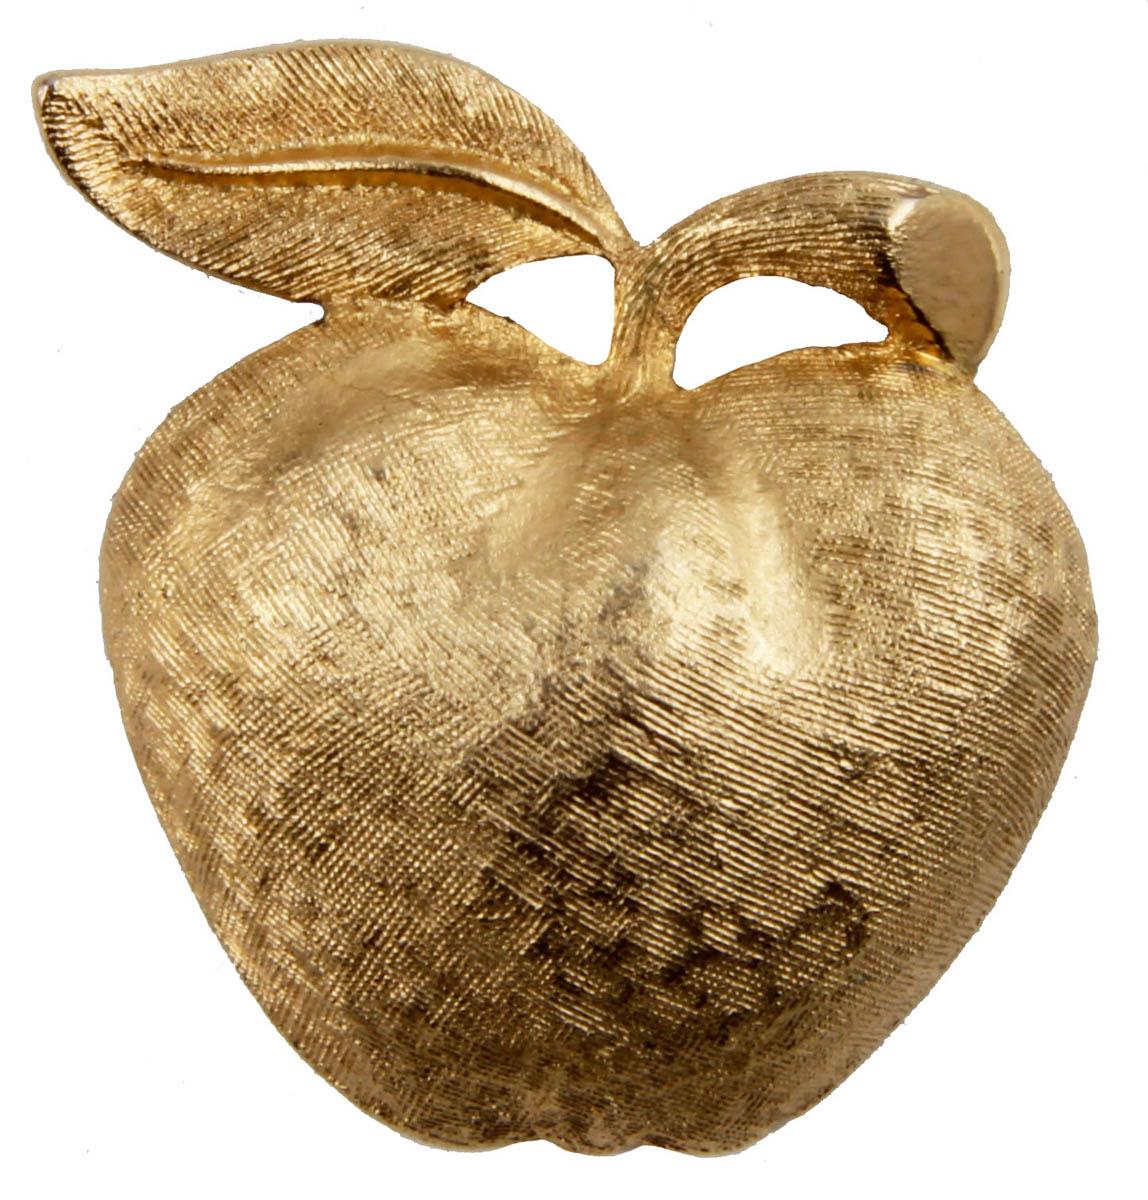 Брошь Золотое яблоко от Coro. Бижутерный сплав. Coro, США, конец XX векаОС28131Брошь Золотое яблоко от Coro. Бижутерный сплав. Coro, США, конец XX века Размер 3,5 х 3,5 см. Сохранность хорошая. Предмет не был в использовании. Брошь маркирована: Coro. Филигранная винтажная брошь выполнена из бижутерного сплава золотого тона. Очаровательная, притягивающая взгляды брошь. Снабжена удобной и надежной застежкой. Брошь - отличное дополнение вашего наряда.